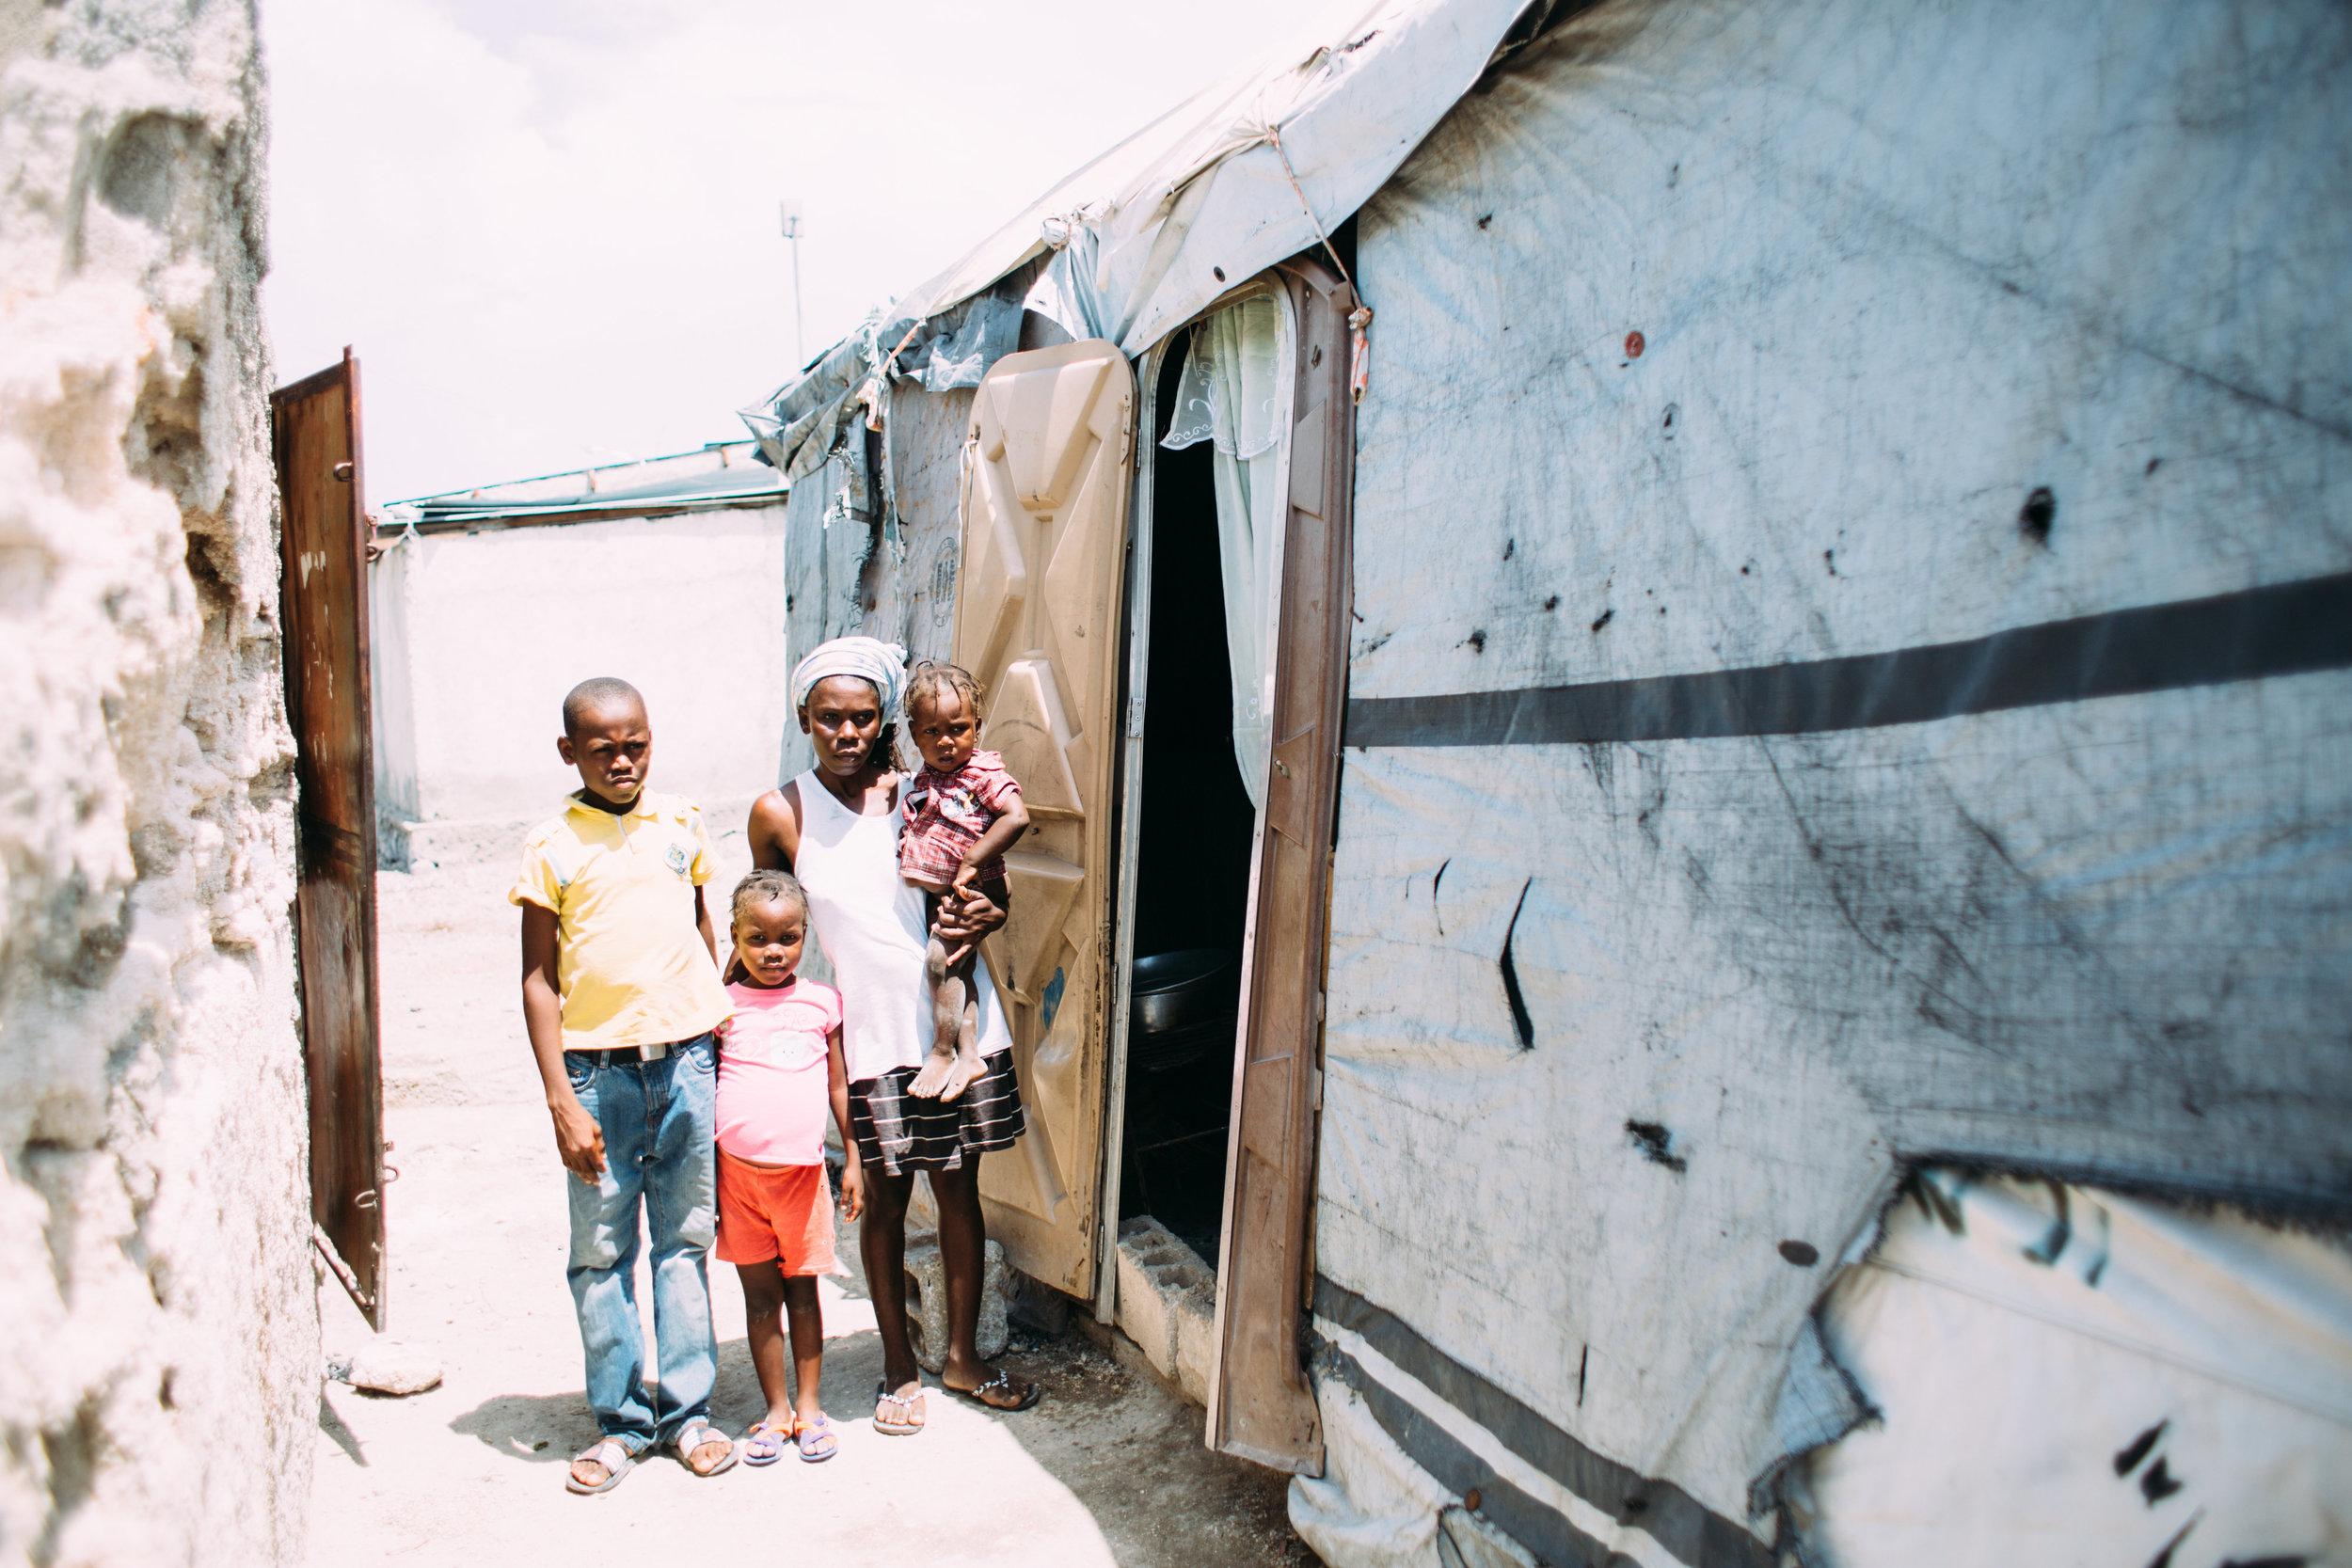 Haiti 2016-Cite Soliel 1-0170.jpg